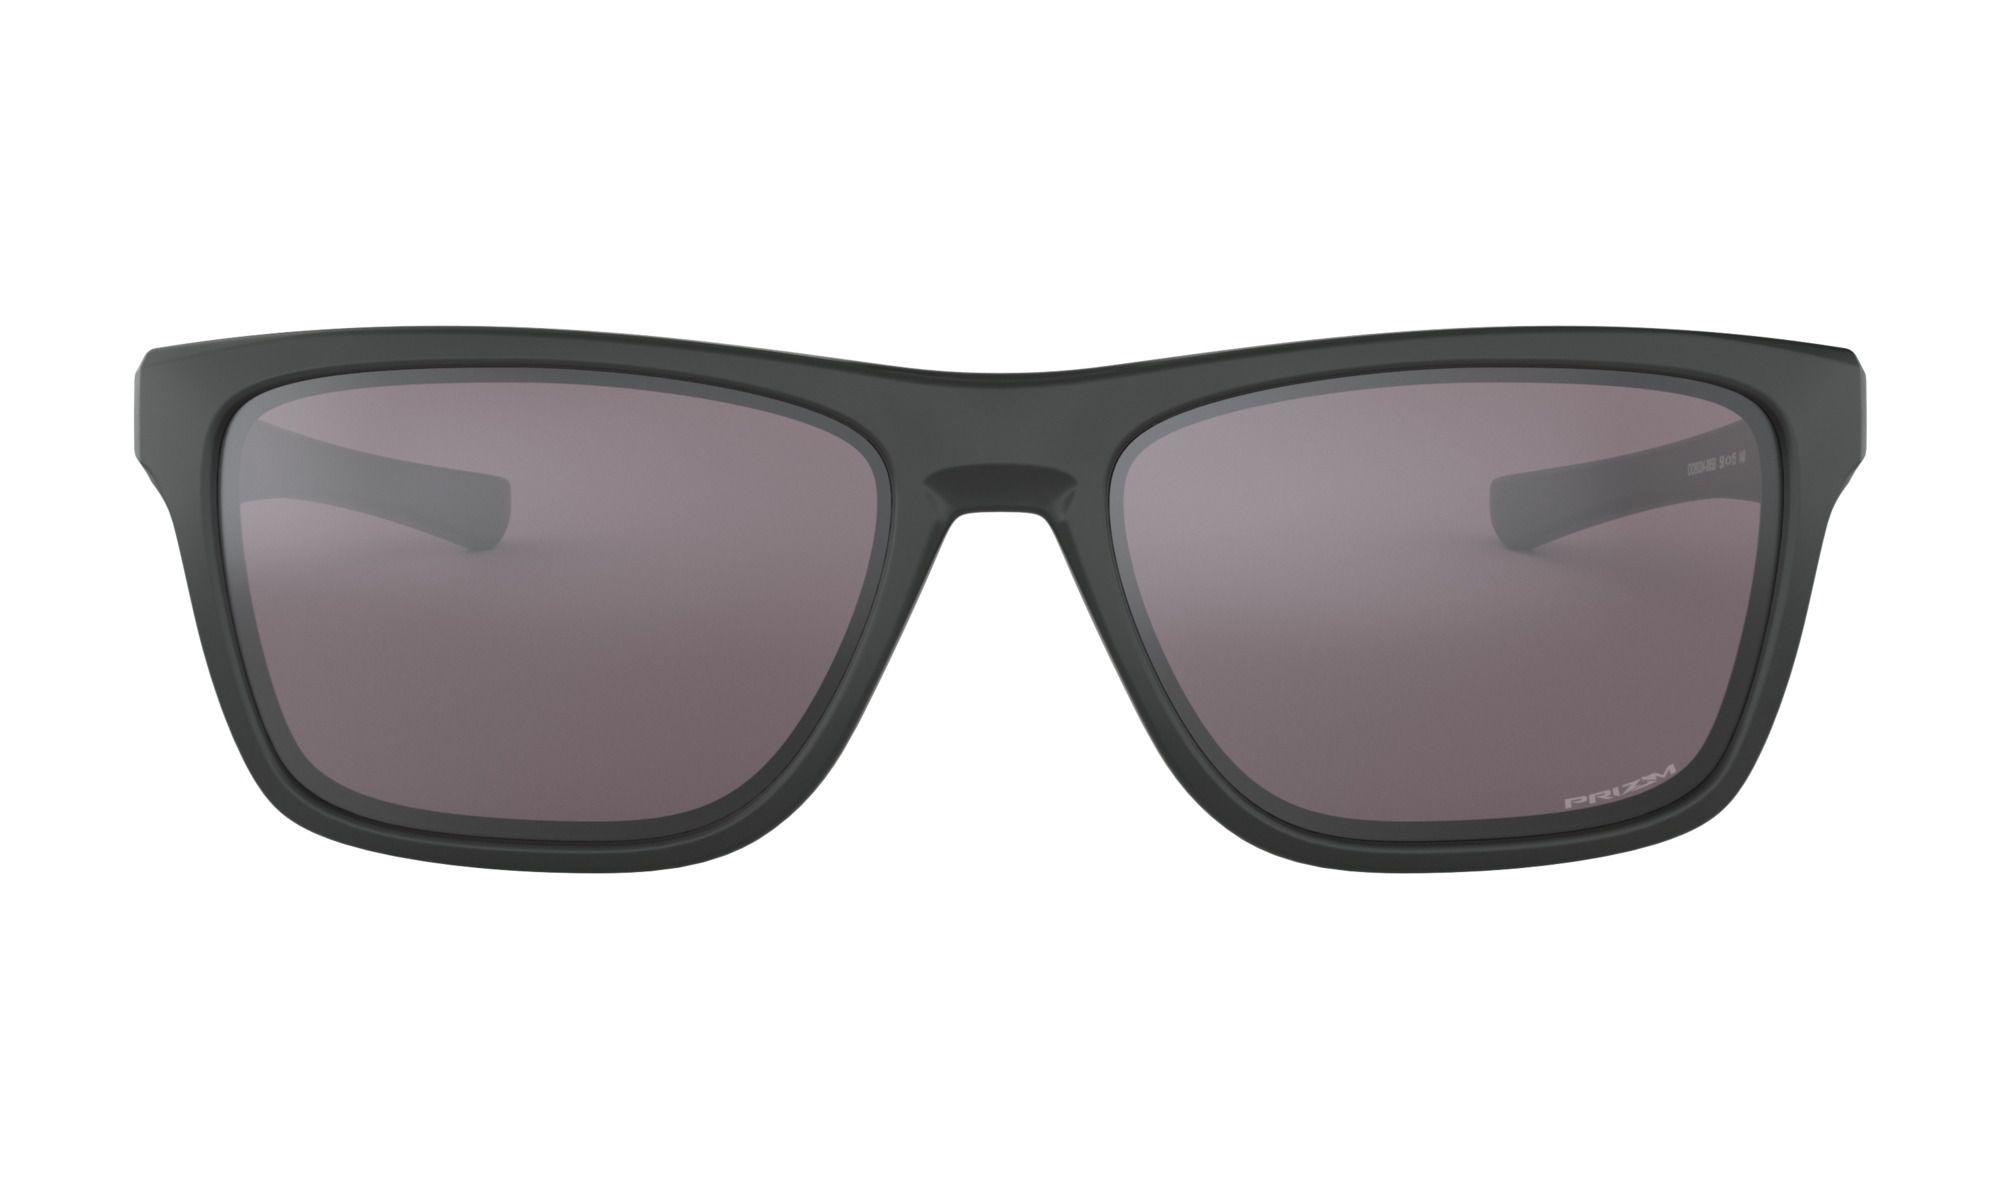 Óculos Oakley Holston Matte Black Prizm Grey